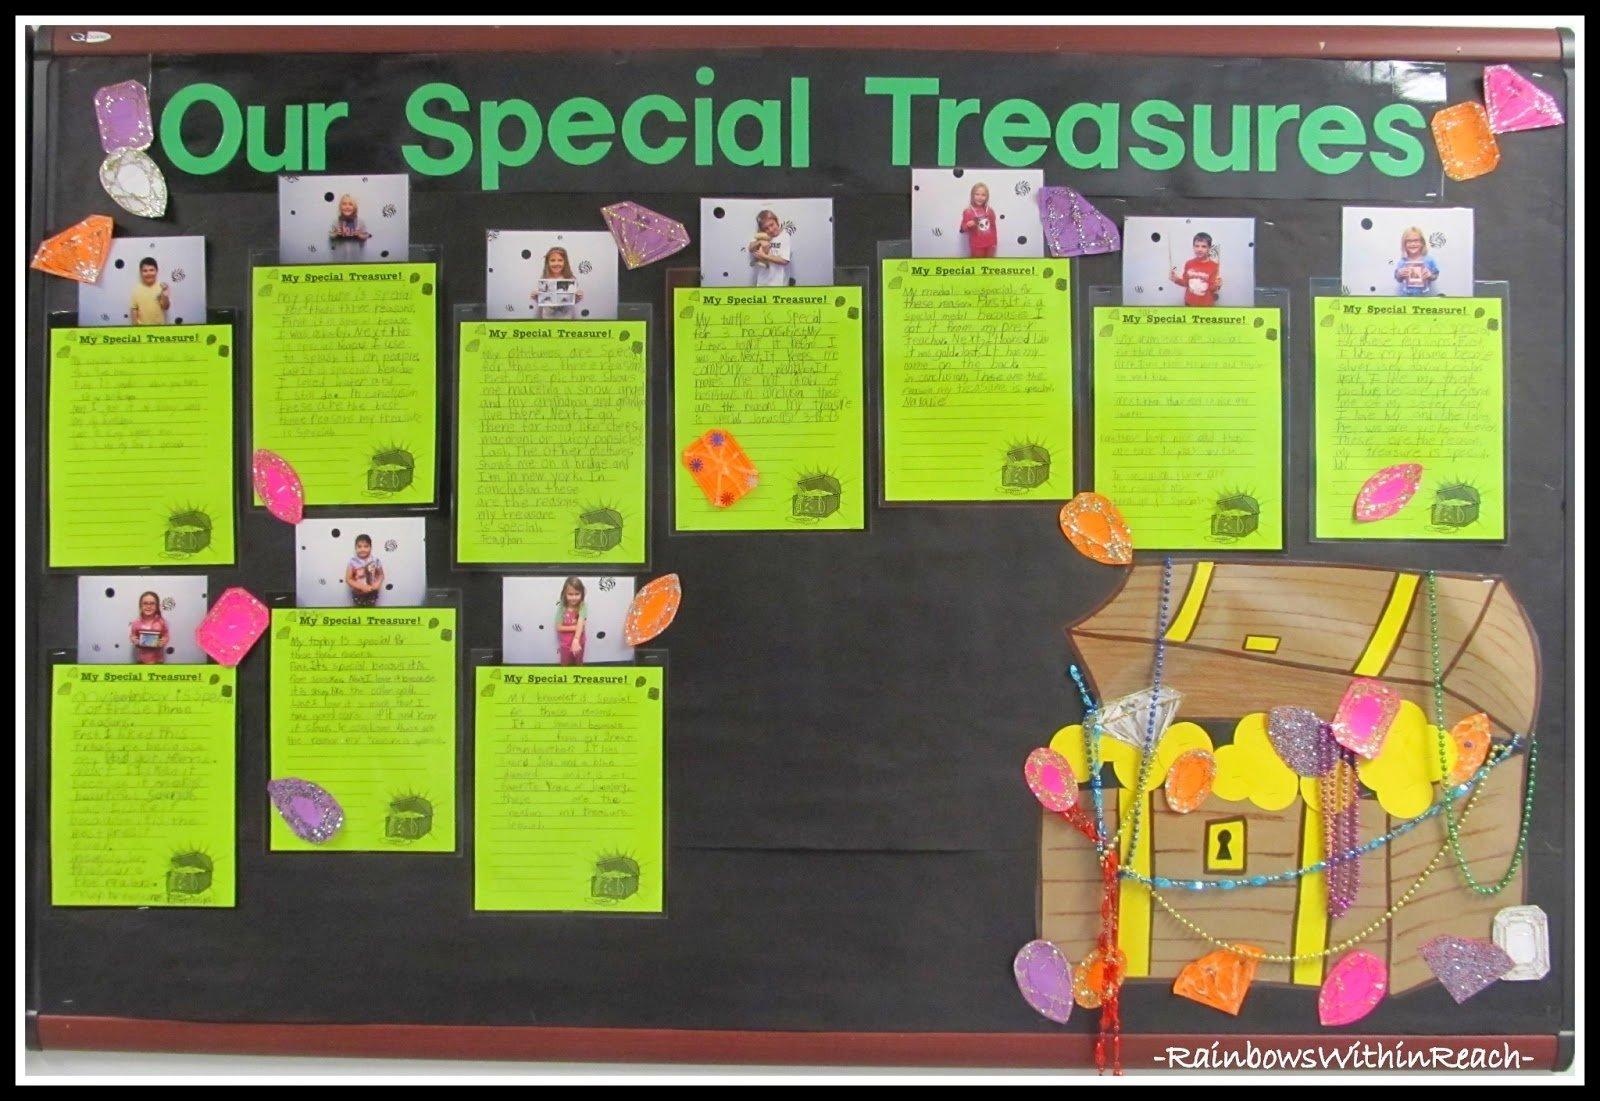 10 Fabulous Elementary School Bulletin Board Ideas bulletin boards in elementary school drseussprojects 2020